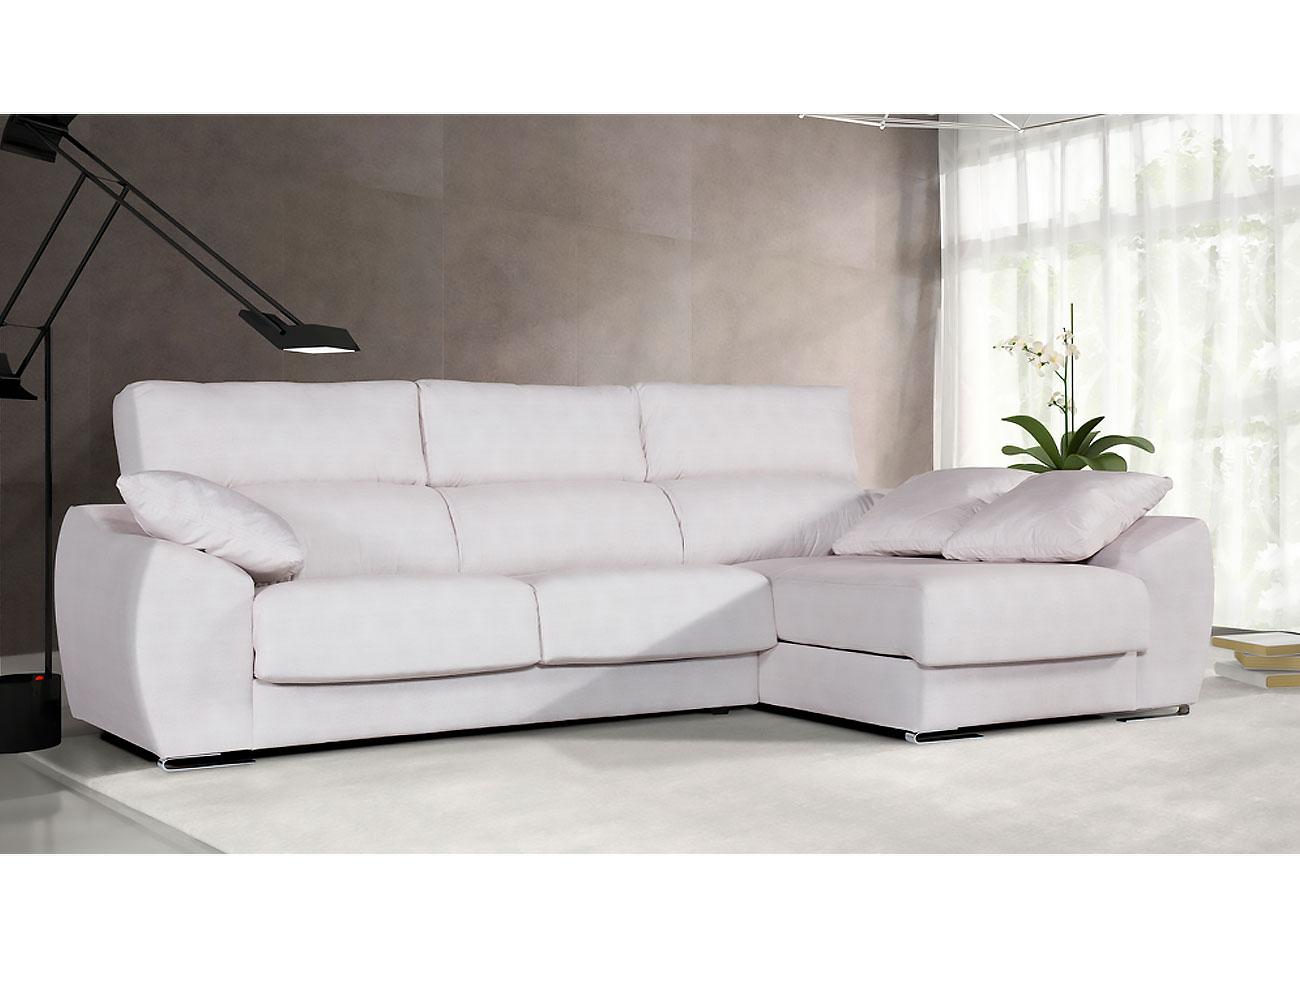 Sofa chaiselongue tosca